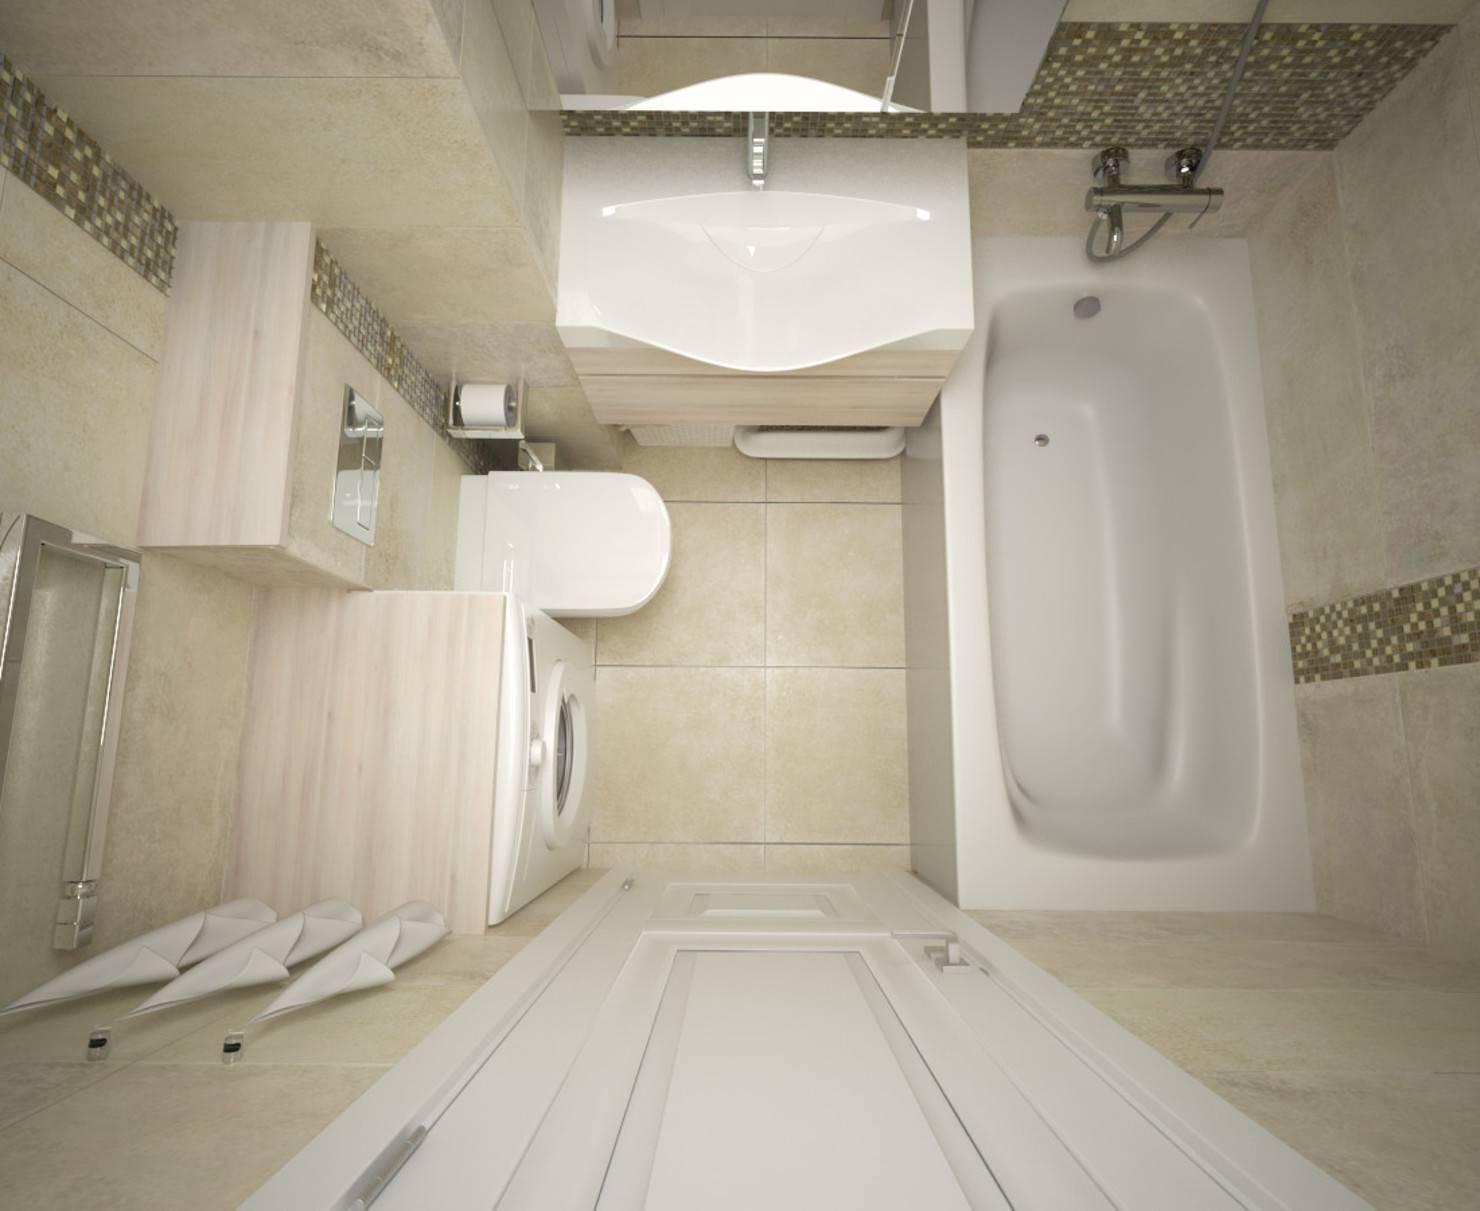 Планировка и дизайн для маленькой ванной комнаты площадью 3 м²